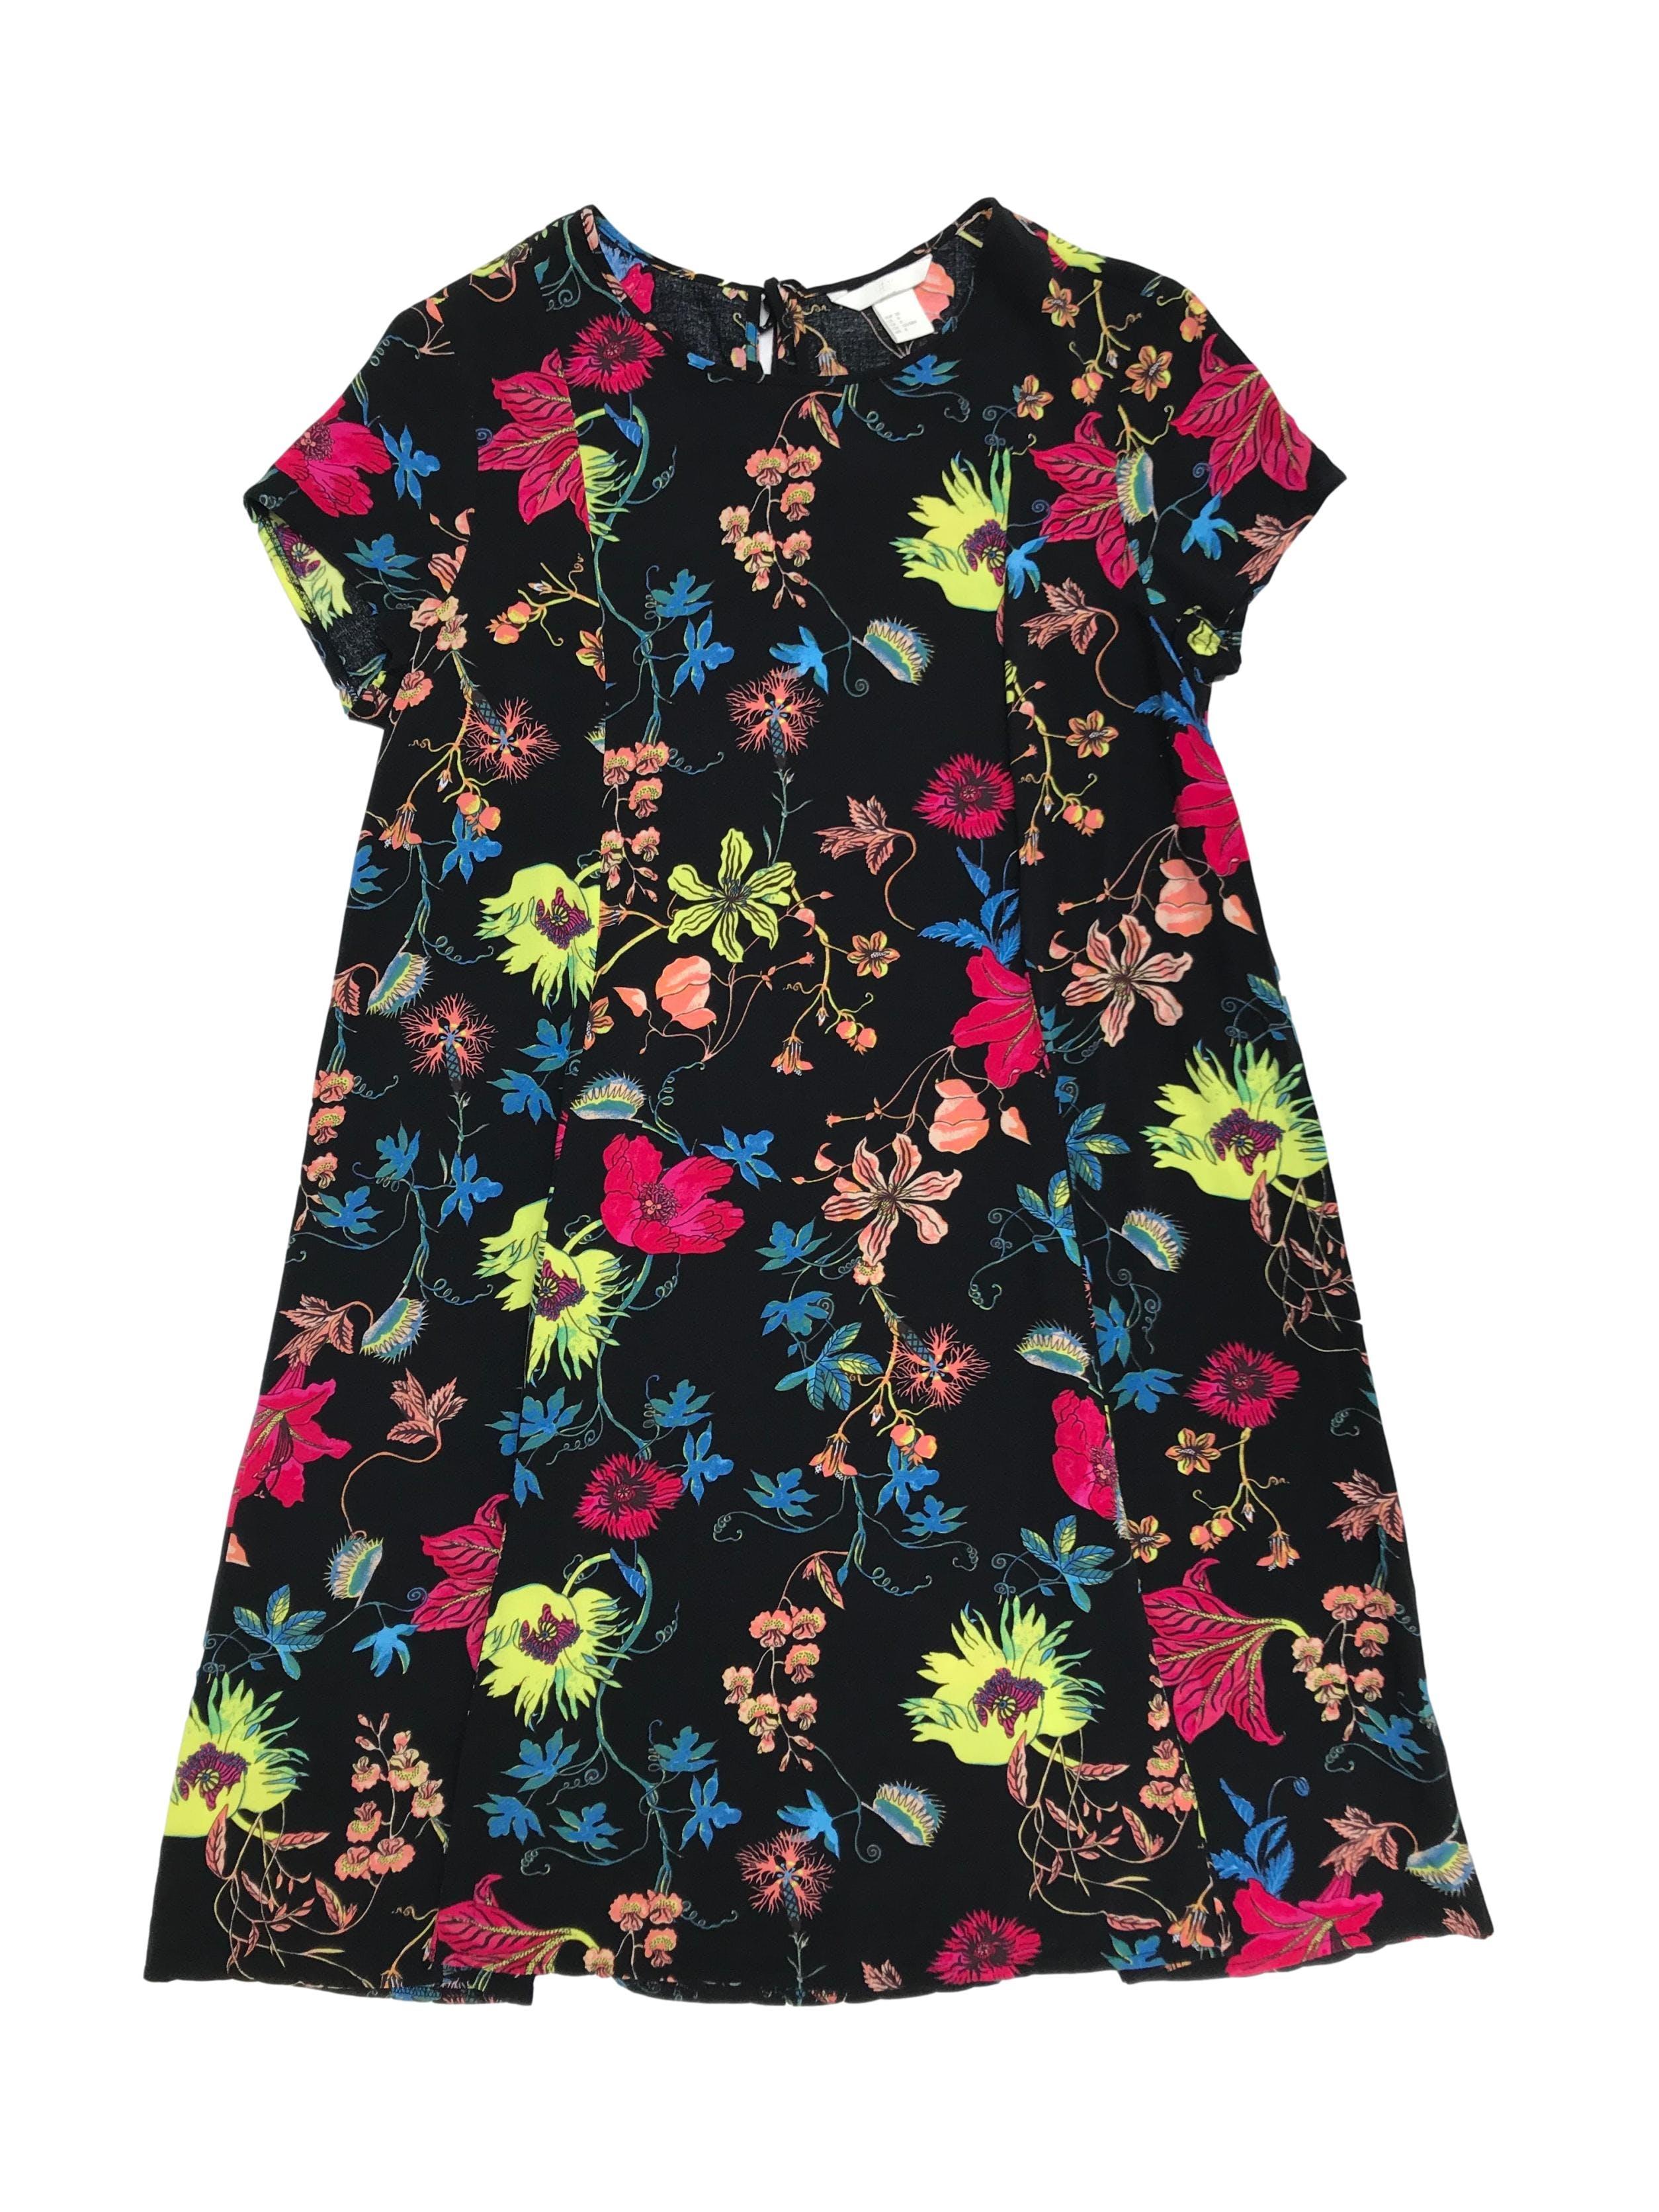 Vestido H&M negro con estampado de flores, pasador posterior en el cuello y corte en A, tela fresca. Largo 88cm